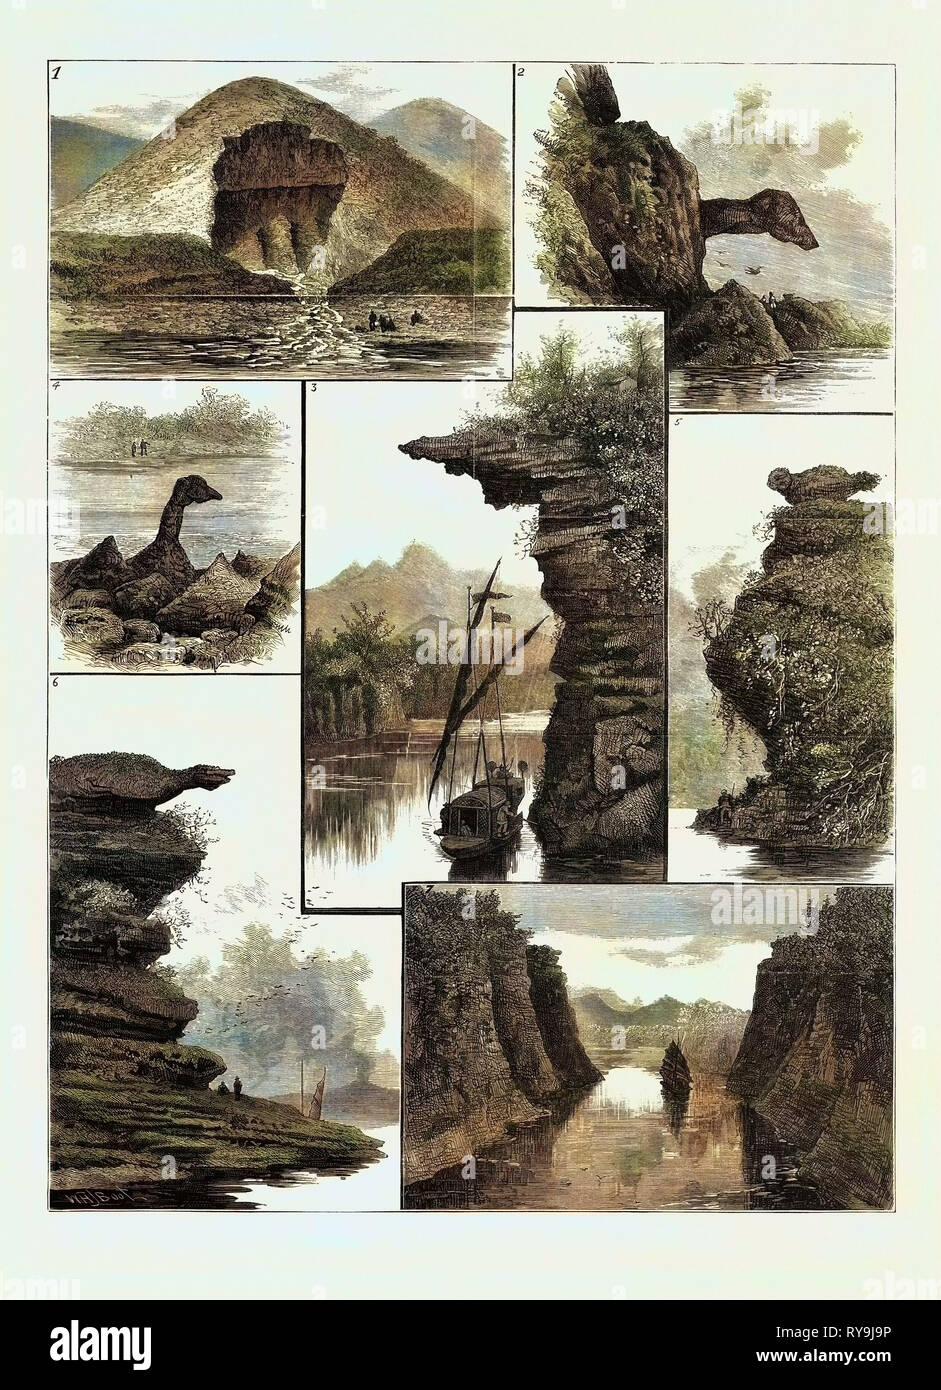 Le Colquhoun expédition à travers le sud de la Chine, des scènes sur la rivière Canton: 1. Un rocher près de Nan-Ning sapée par un ruisseau, 2. Nez du chien Rock, 3. Passant sous une falaise, 4. Swan-Neck Rock dans la gorge des cygnes 9, 5. Demon Dog Rock, 6. Point de crocodile, 7. Voir les gorges rocheuses menant à Ha-Ngan Banque D'Images